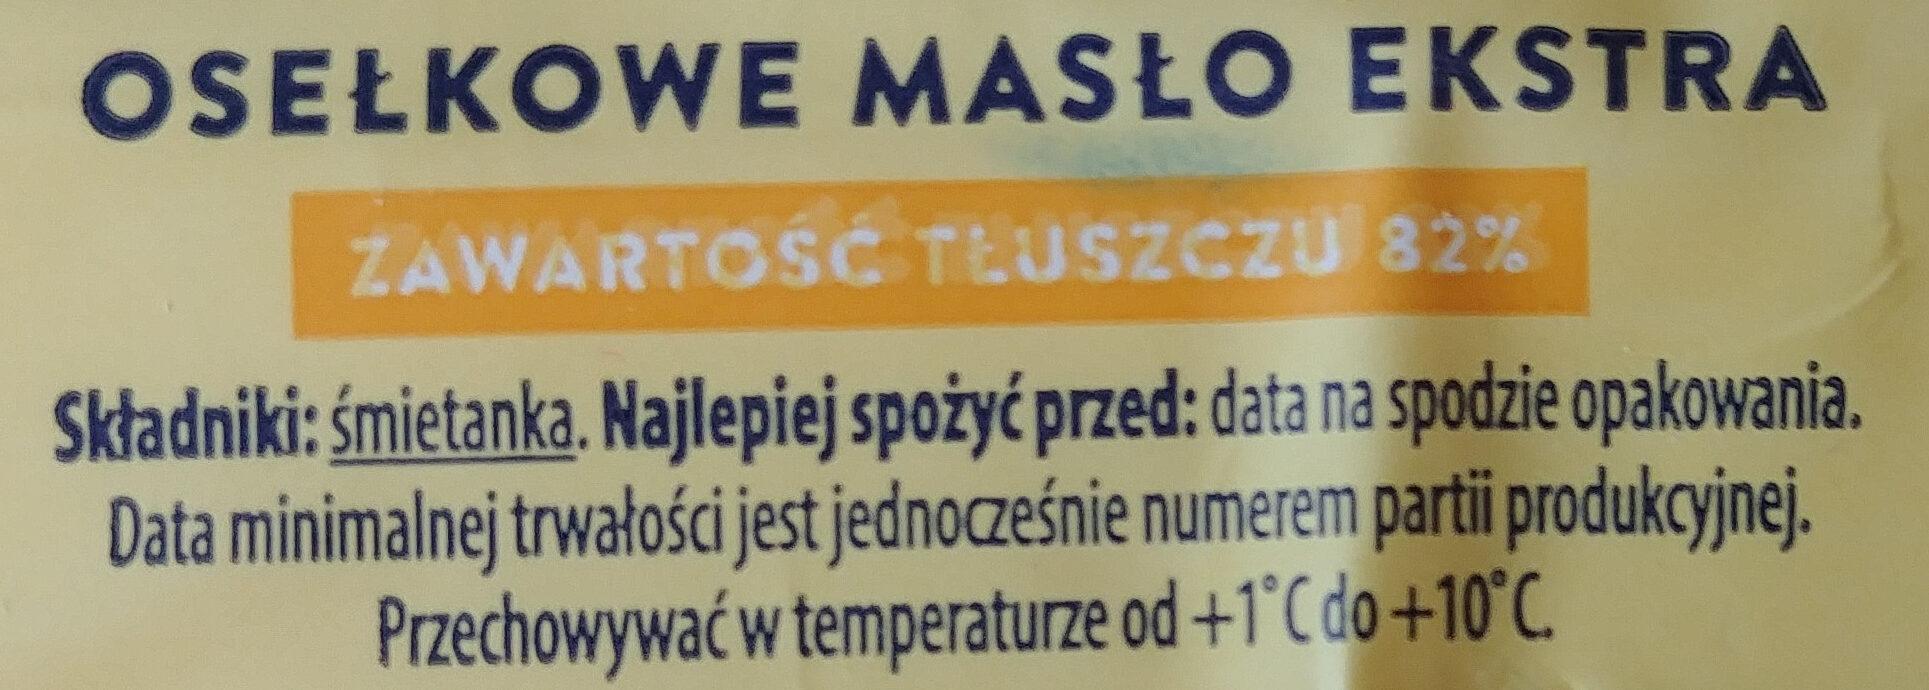 Masło osełkowe extra - Składniki - pl